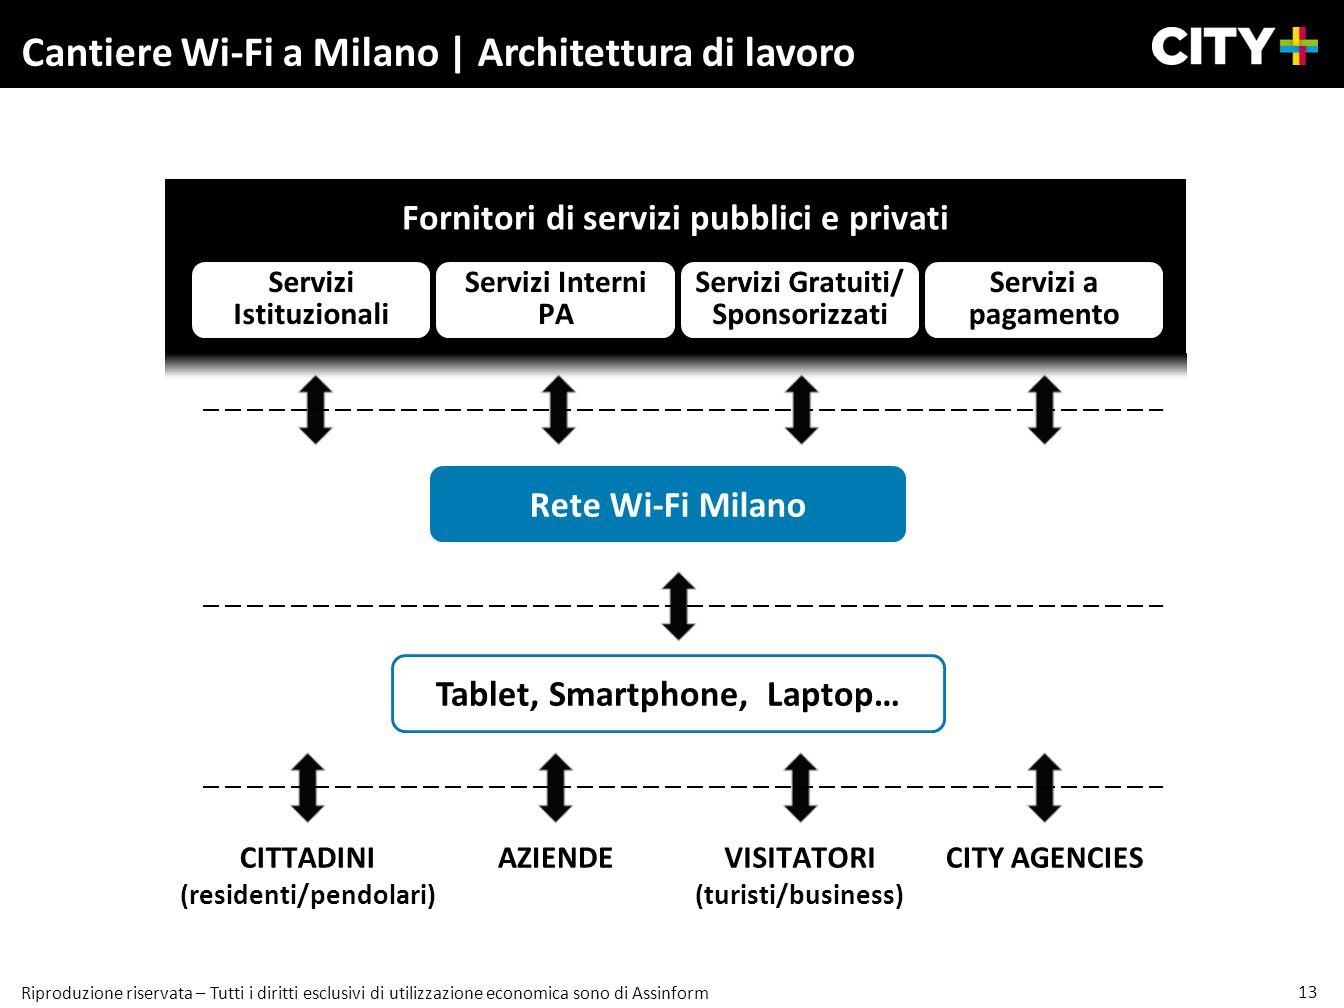 13 Riproduzione riservata – Tutti i diritti esclusivi di utilizzazione economica sono di Assinform Cantiere Wi-Fi a Milano | Architettura di lavoro Se